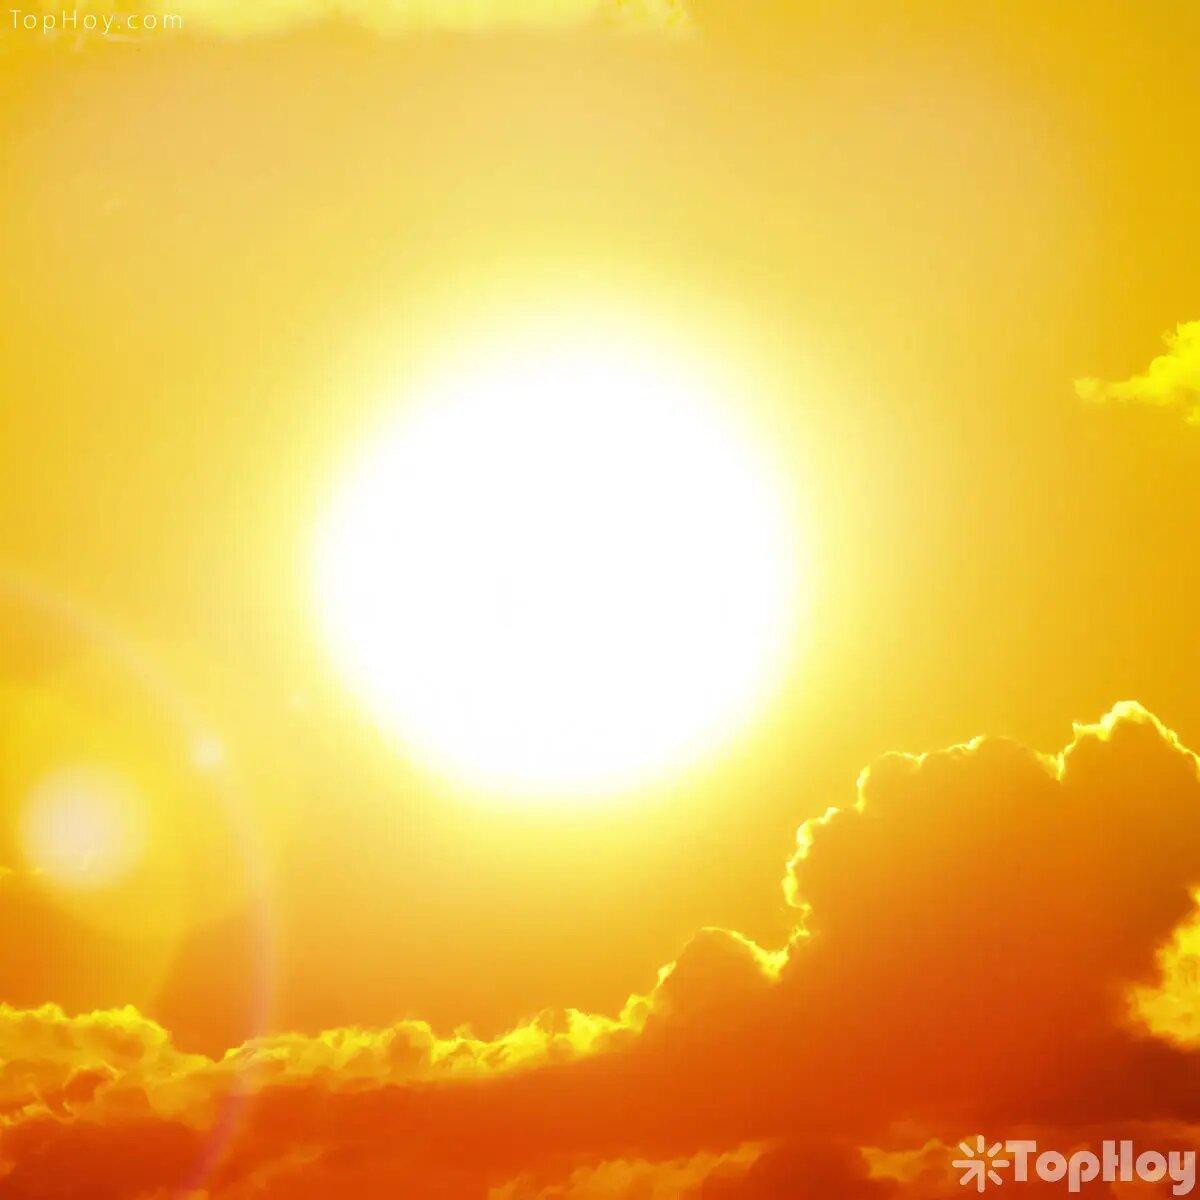 La superficie del sol tiene 5 mil 500 grados Celsius.